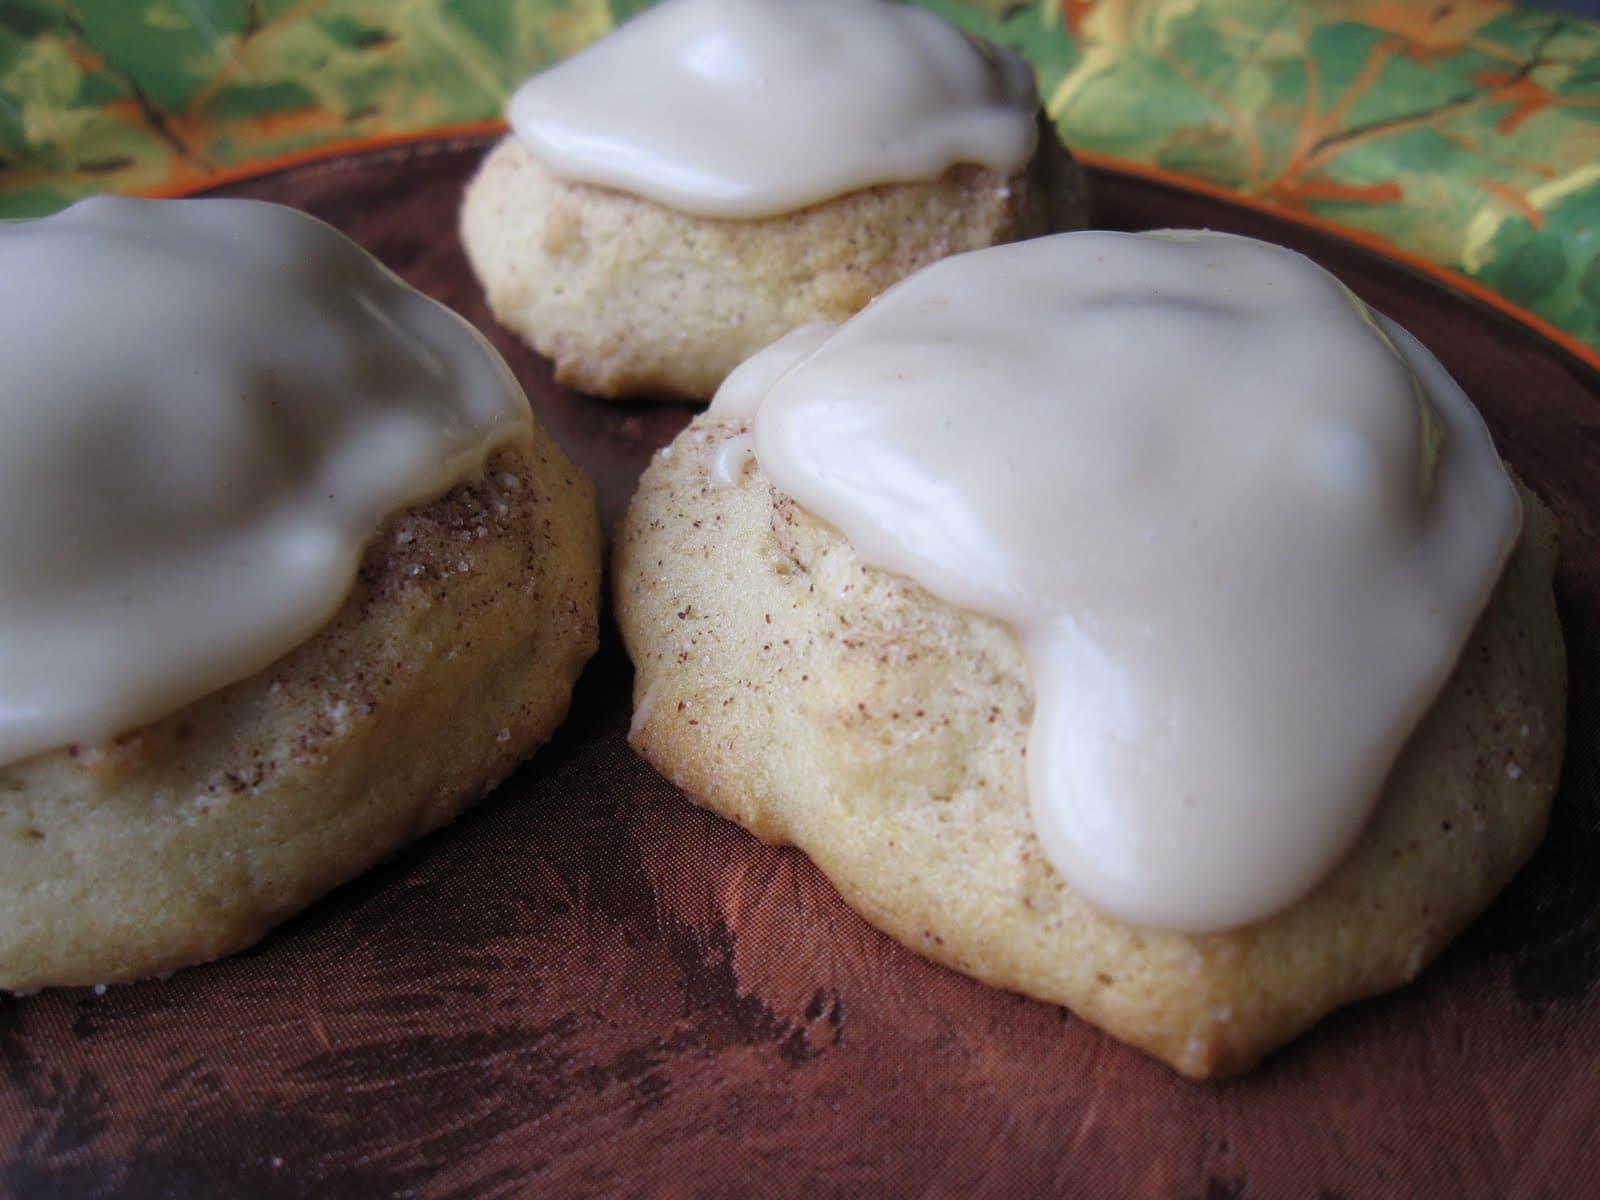 Three maple cookies with maple glaze